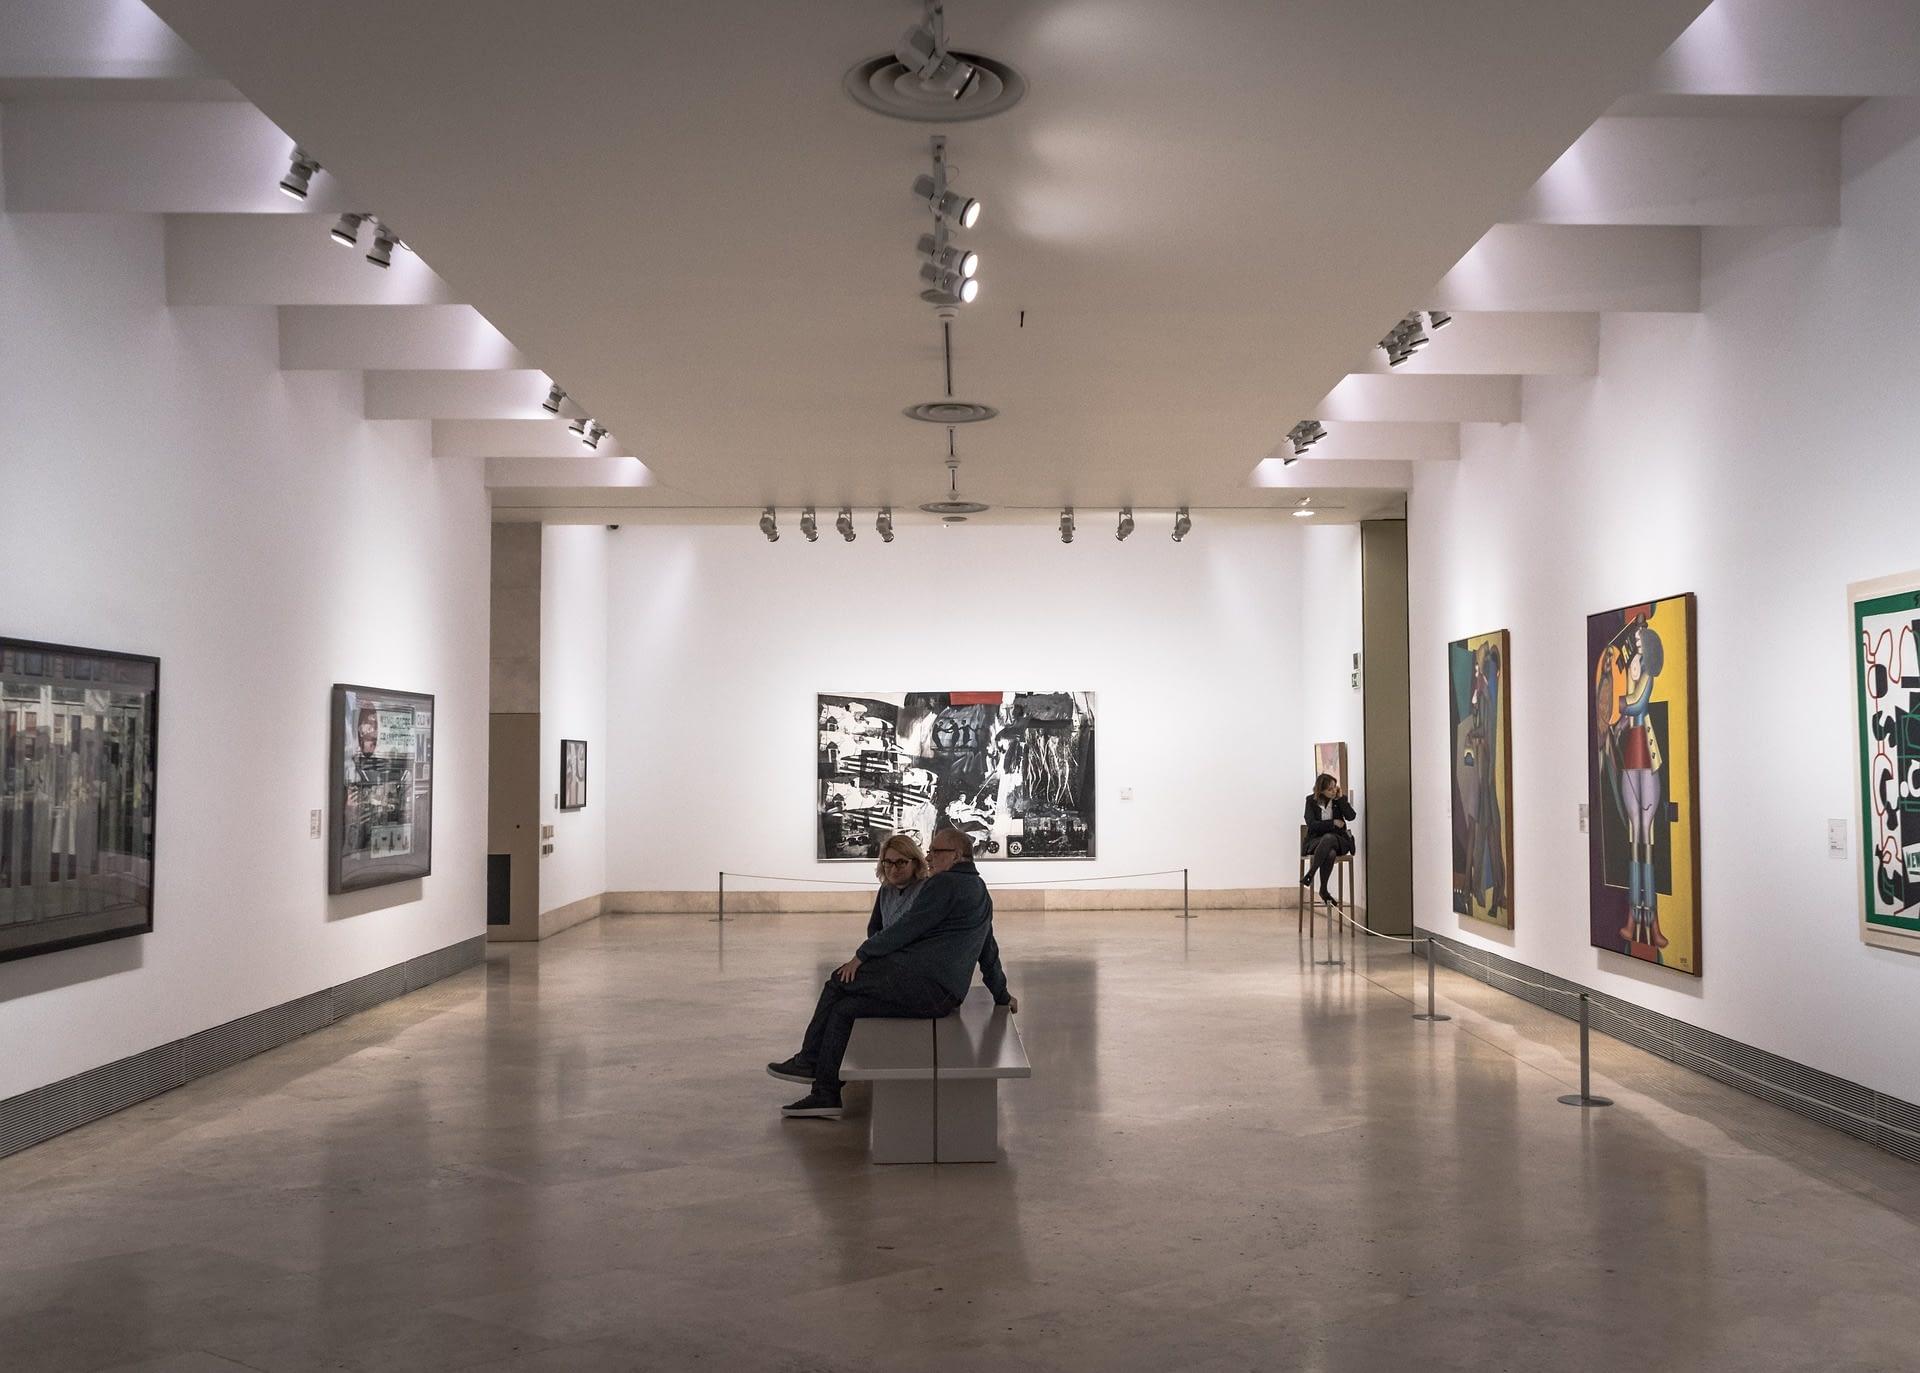 art museum interior